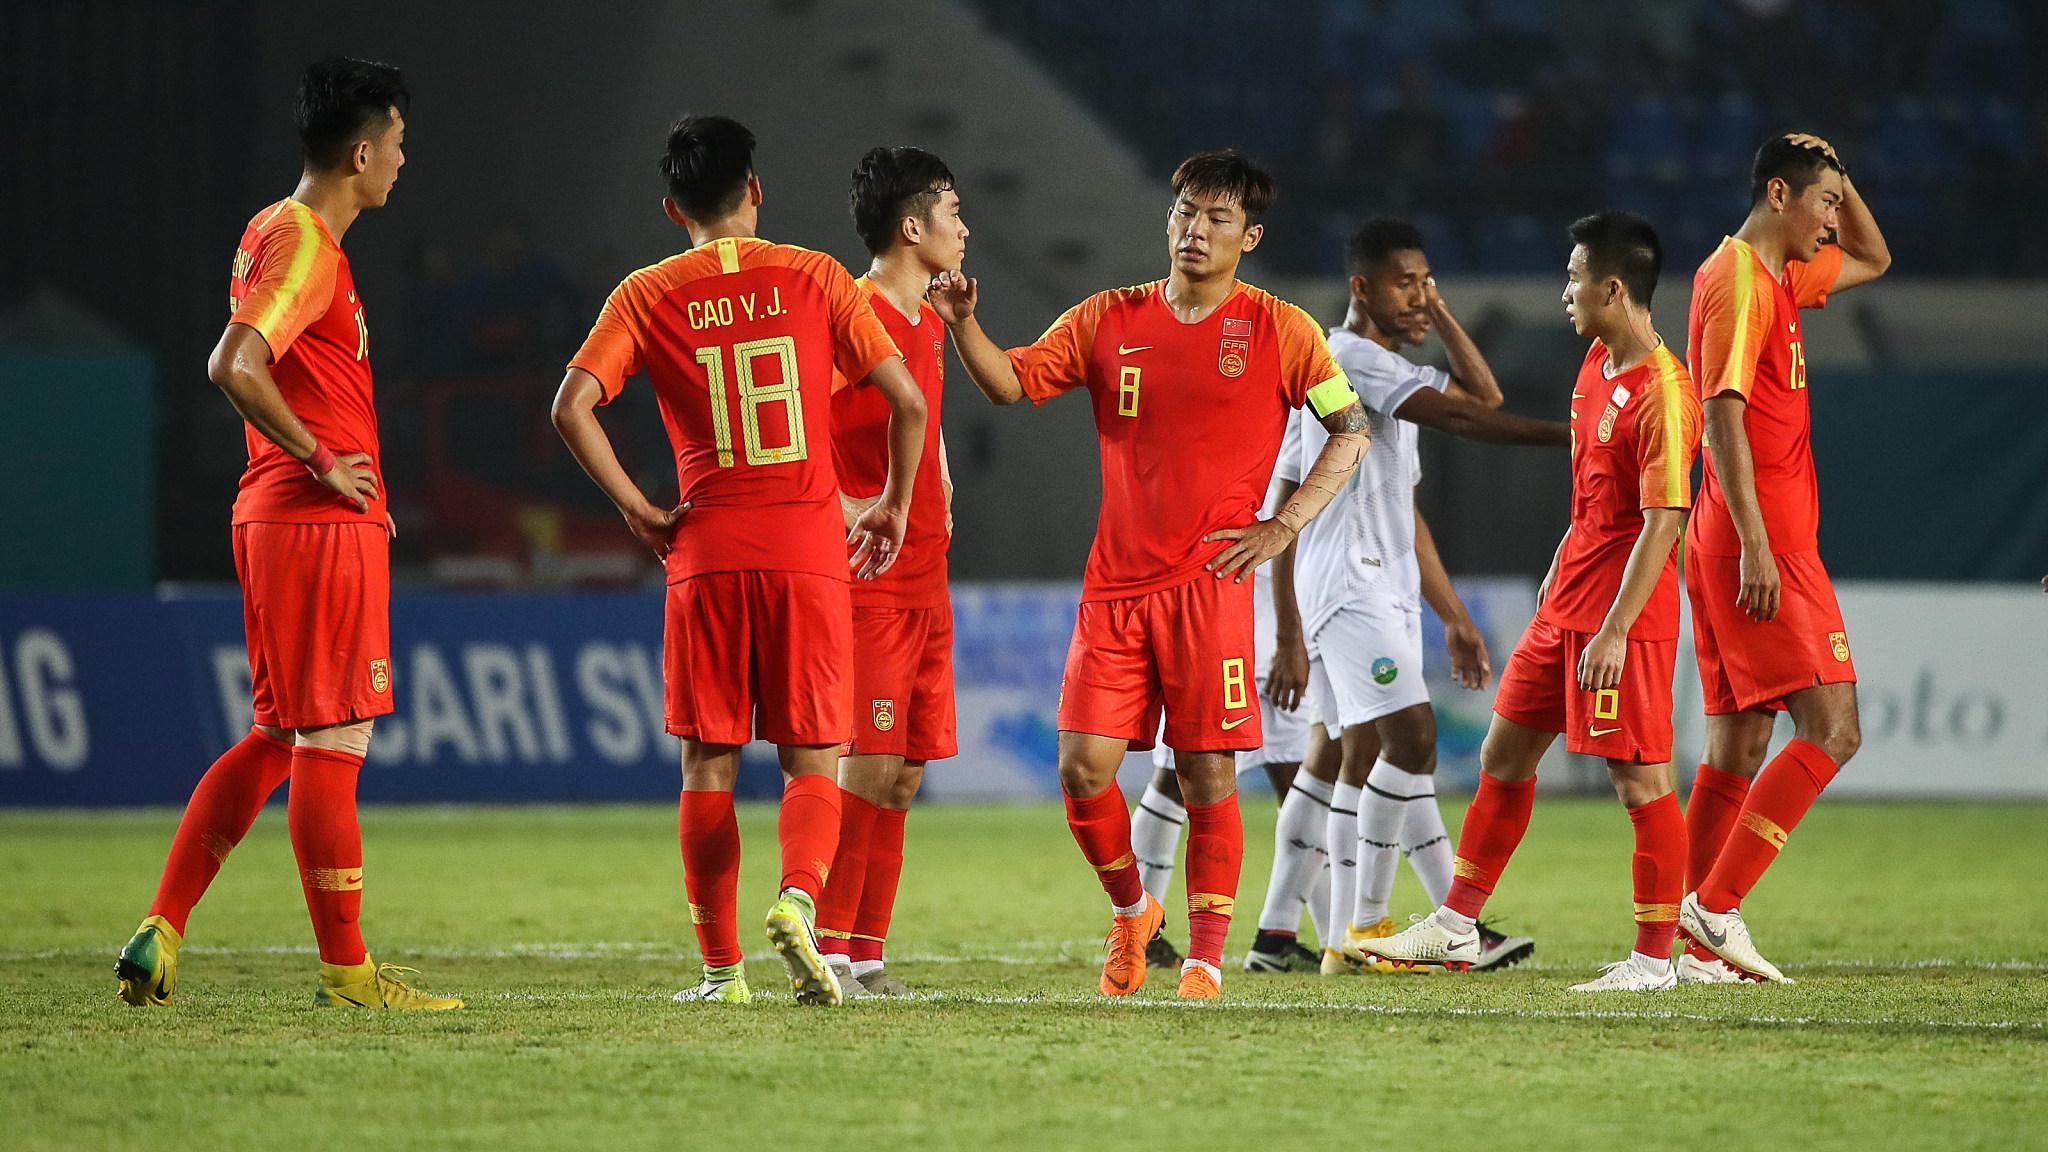 Báo Trung Quốc: Bị loại như U23 Trung Quốc có bao giờ hổ thẹn đâu - Bóng Đá